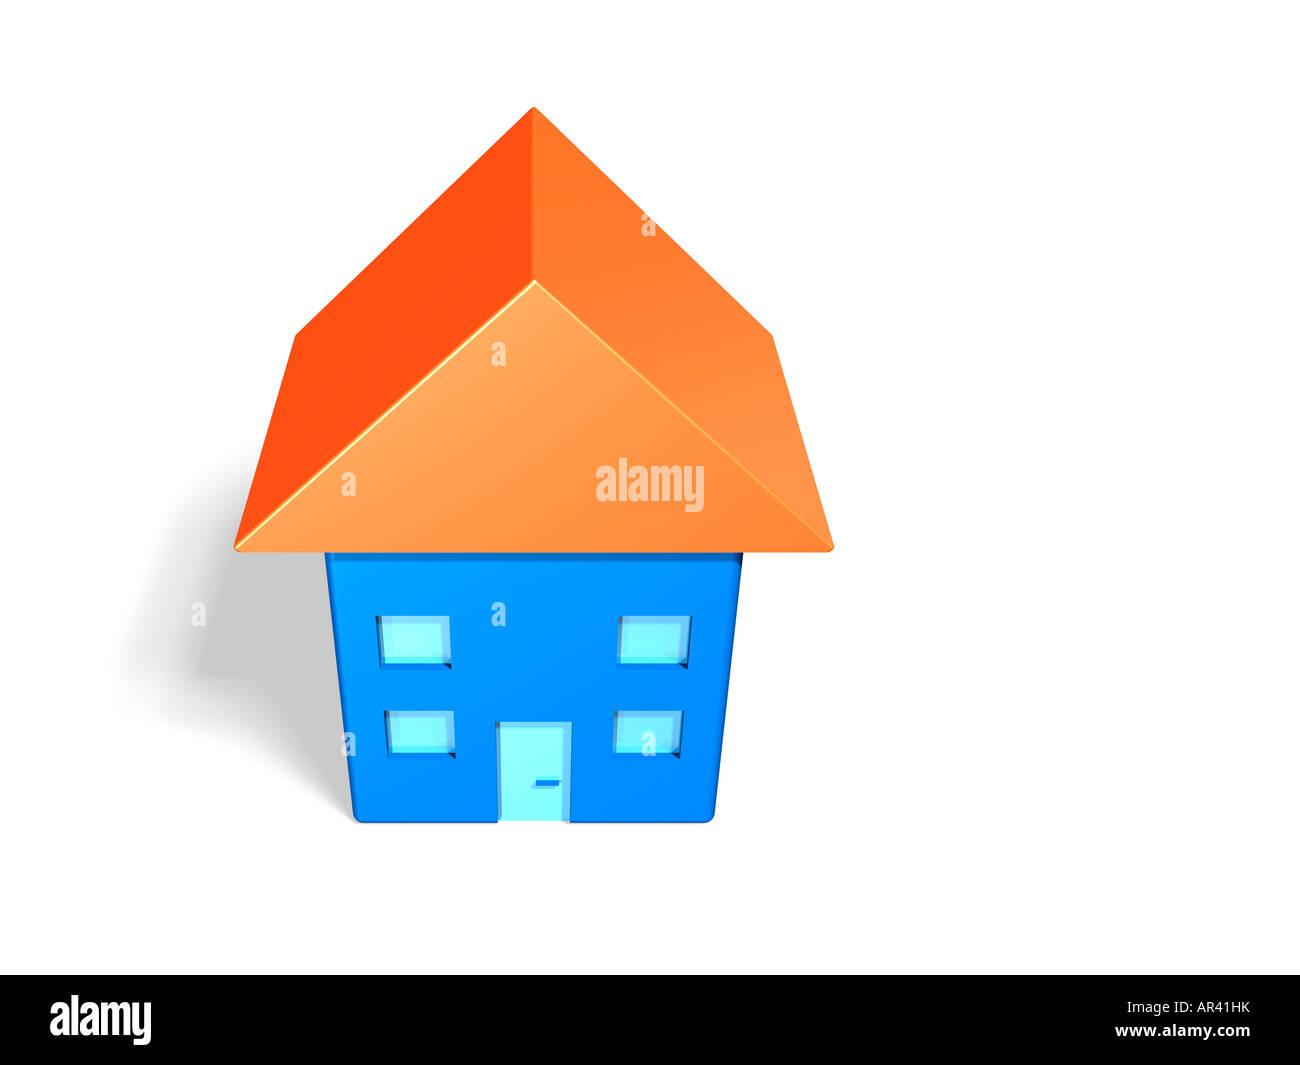 El modelo de una casa azul con tejado naranja (Ilustración 3d). Imagen De Stock